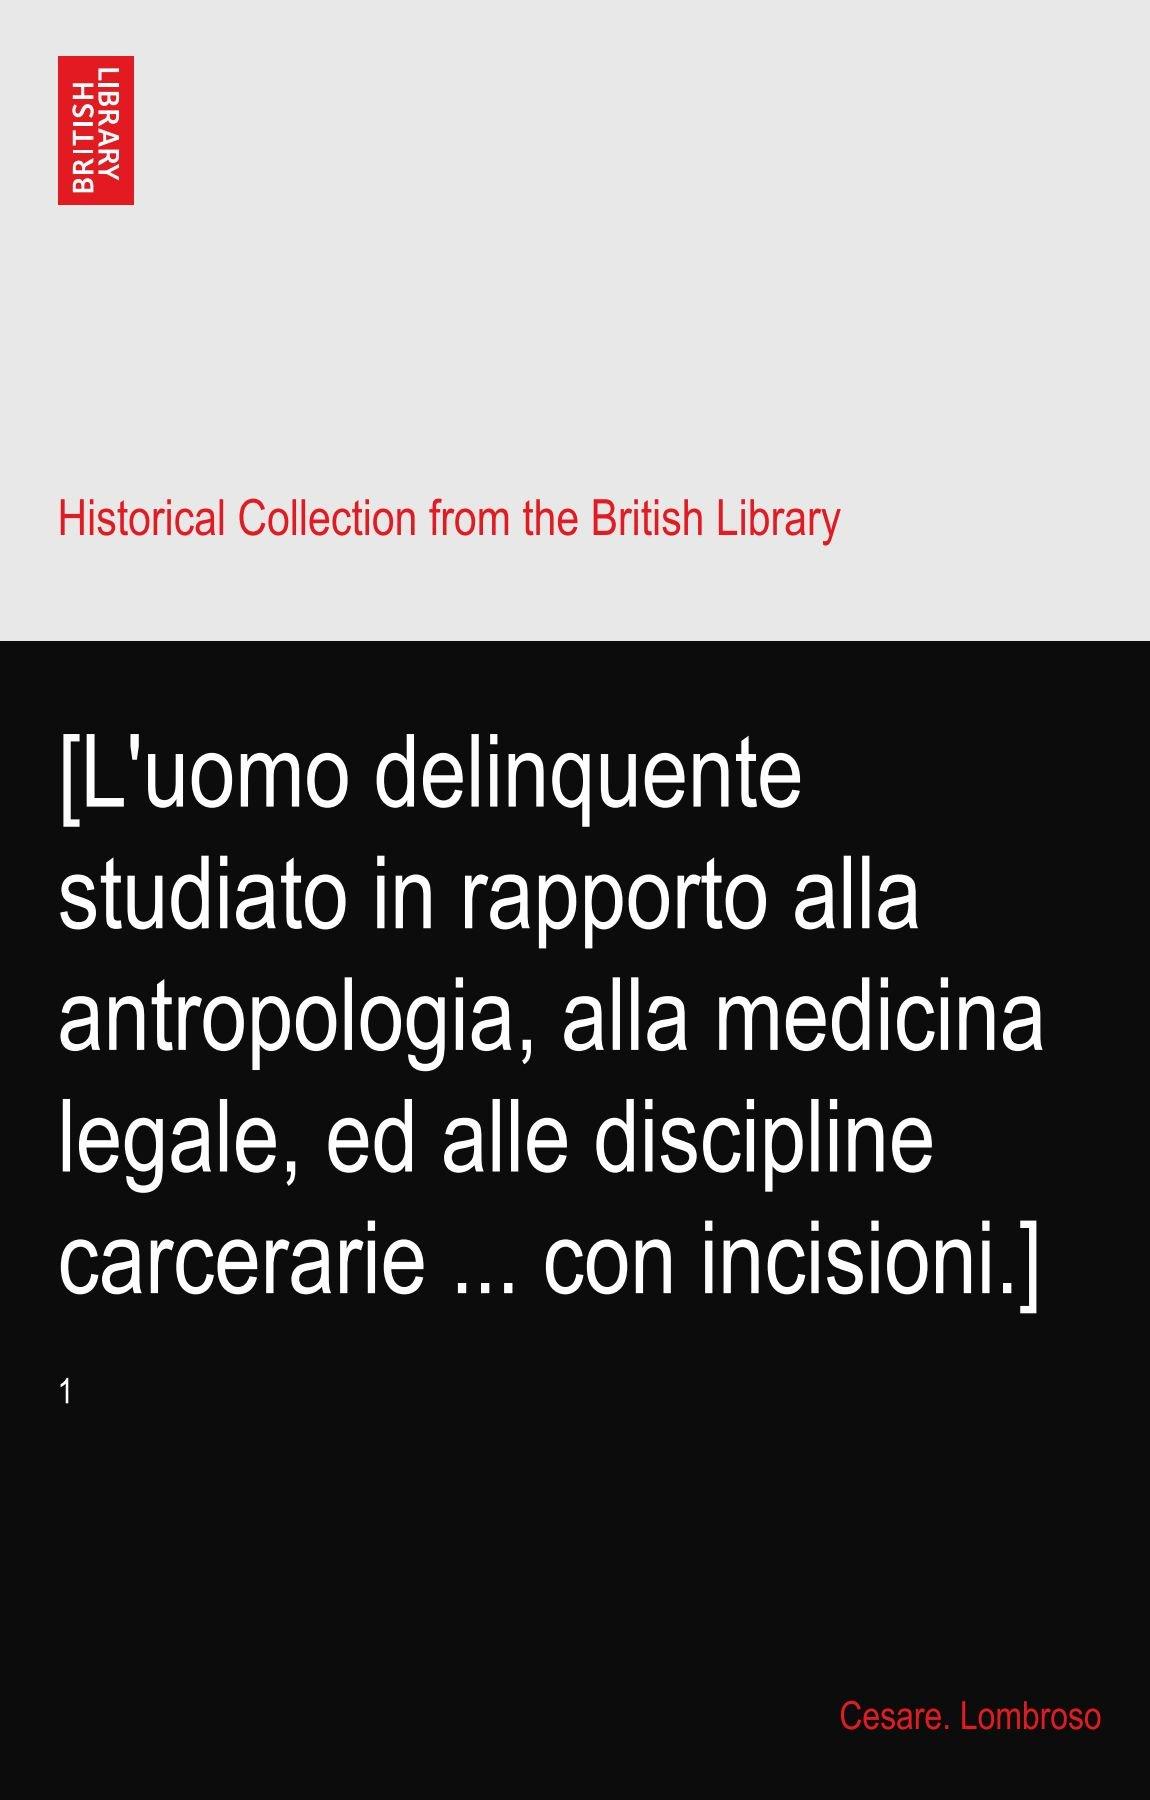 Download [L'uomo delinquente studiato in rapporto alla antropologia, alla medicina legale, ed alle discipline carcerarie ... con incisioni.]: 1 ebook